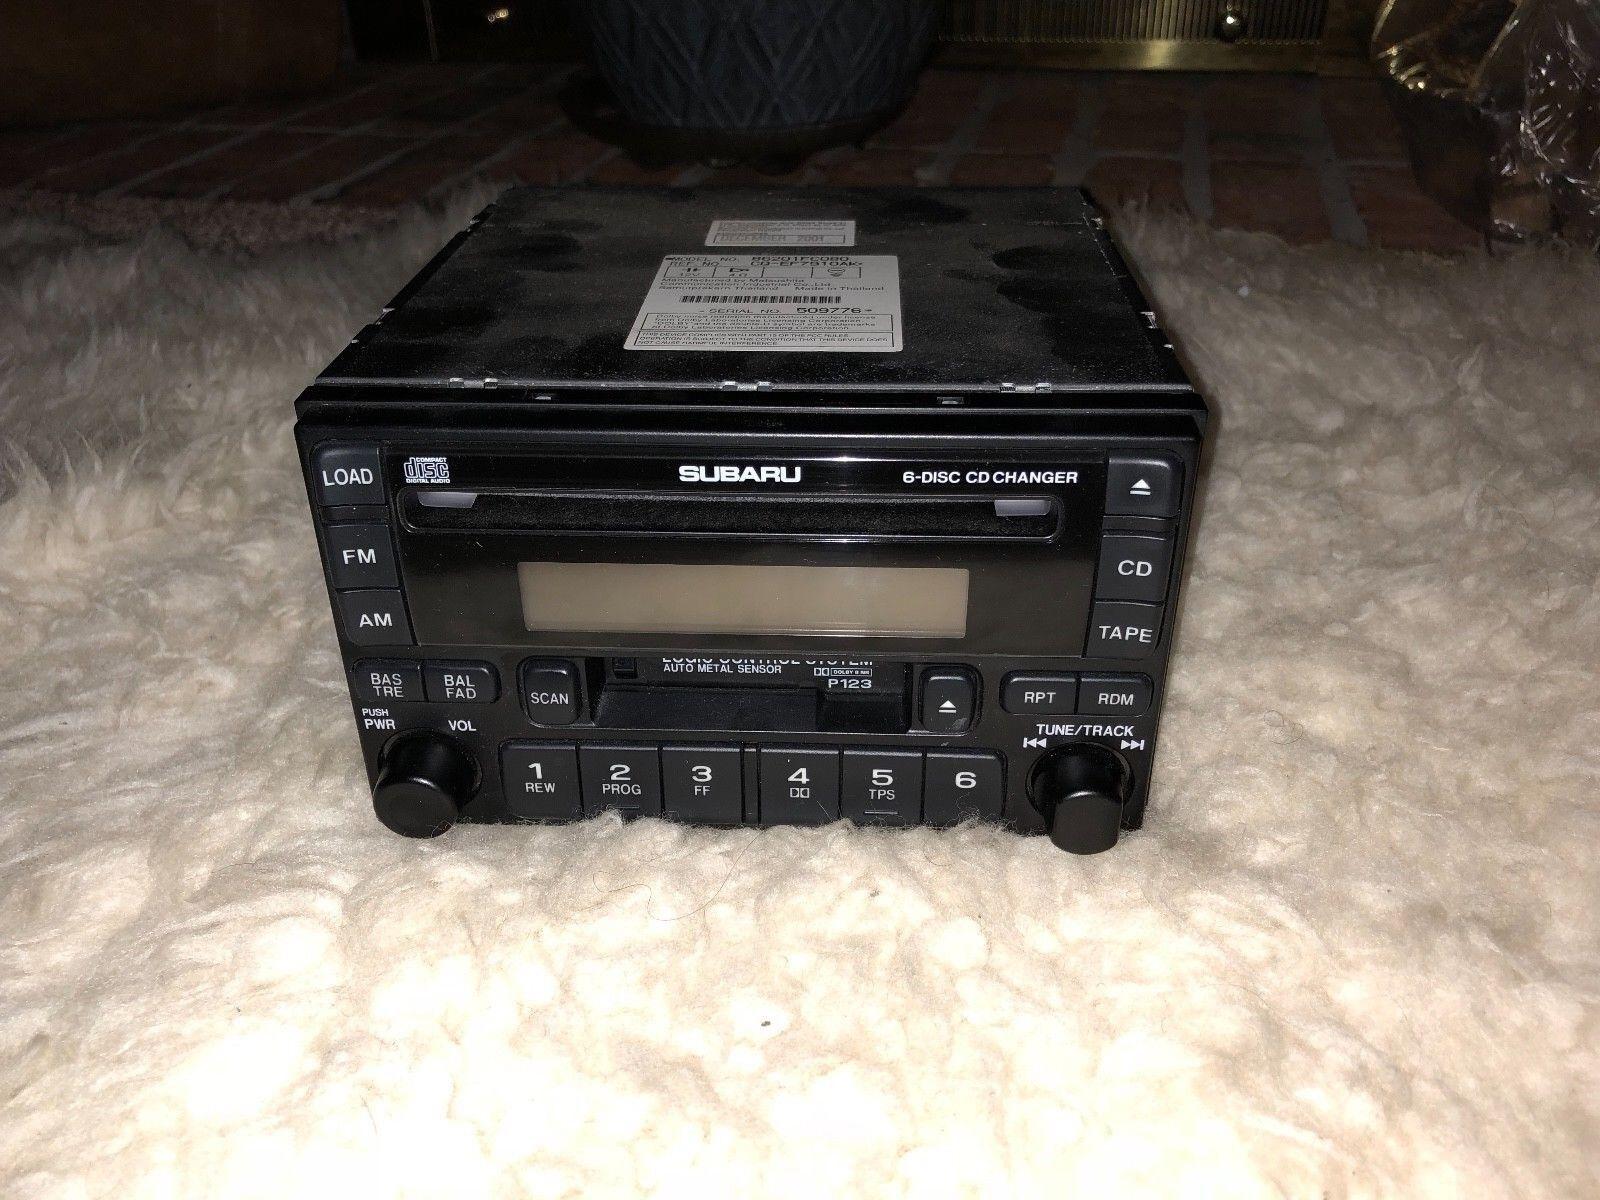 2002 impreza stereo 6 cd changer